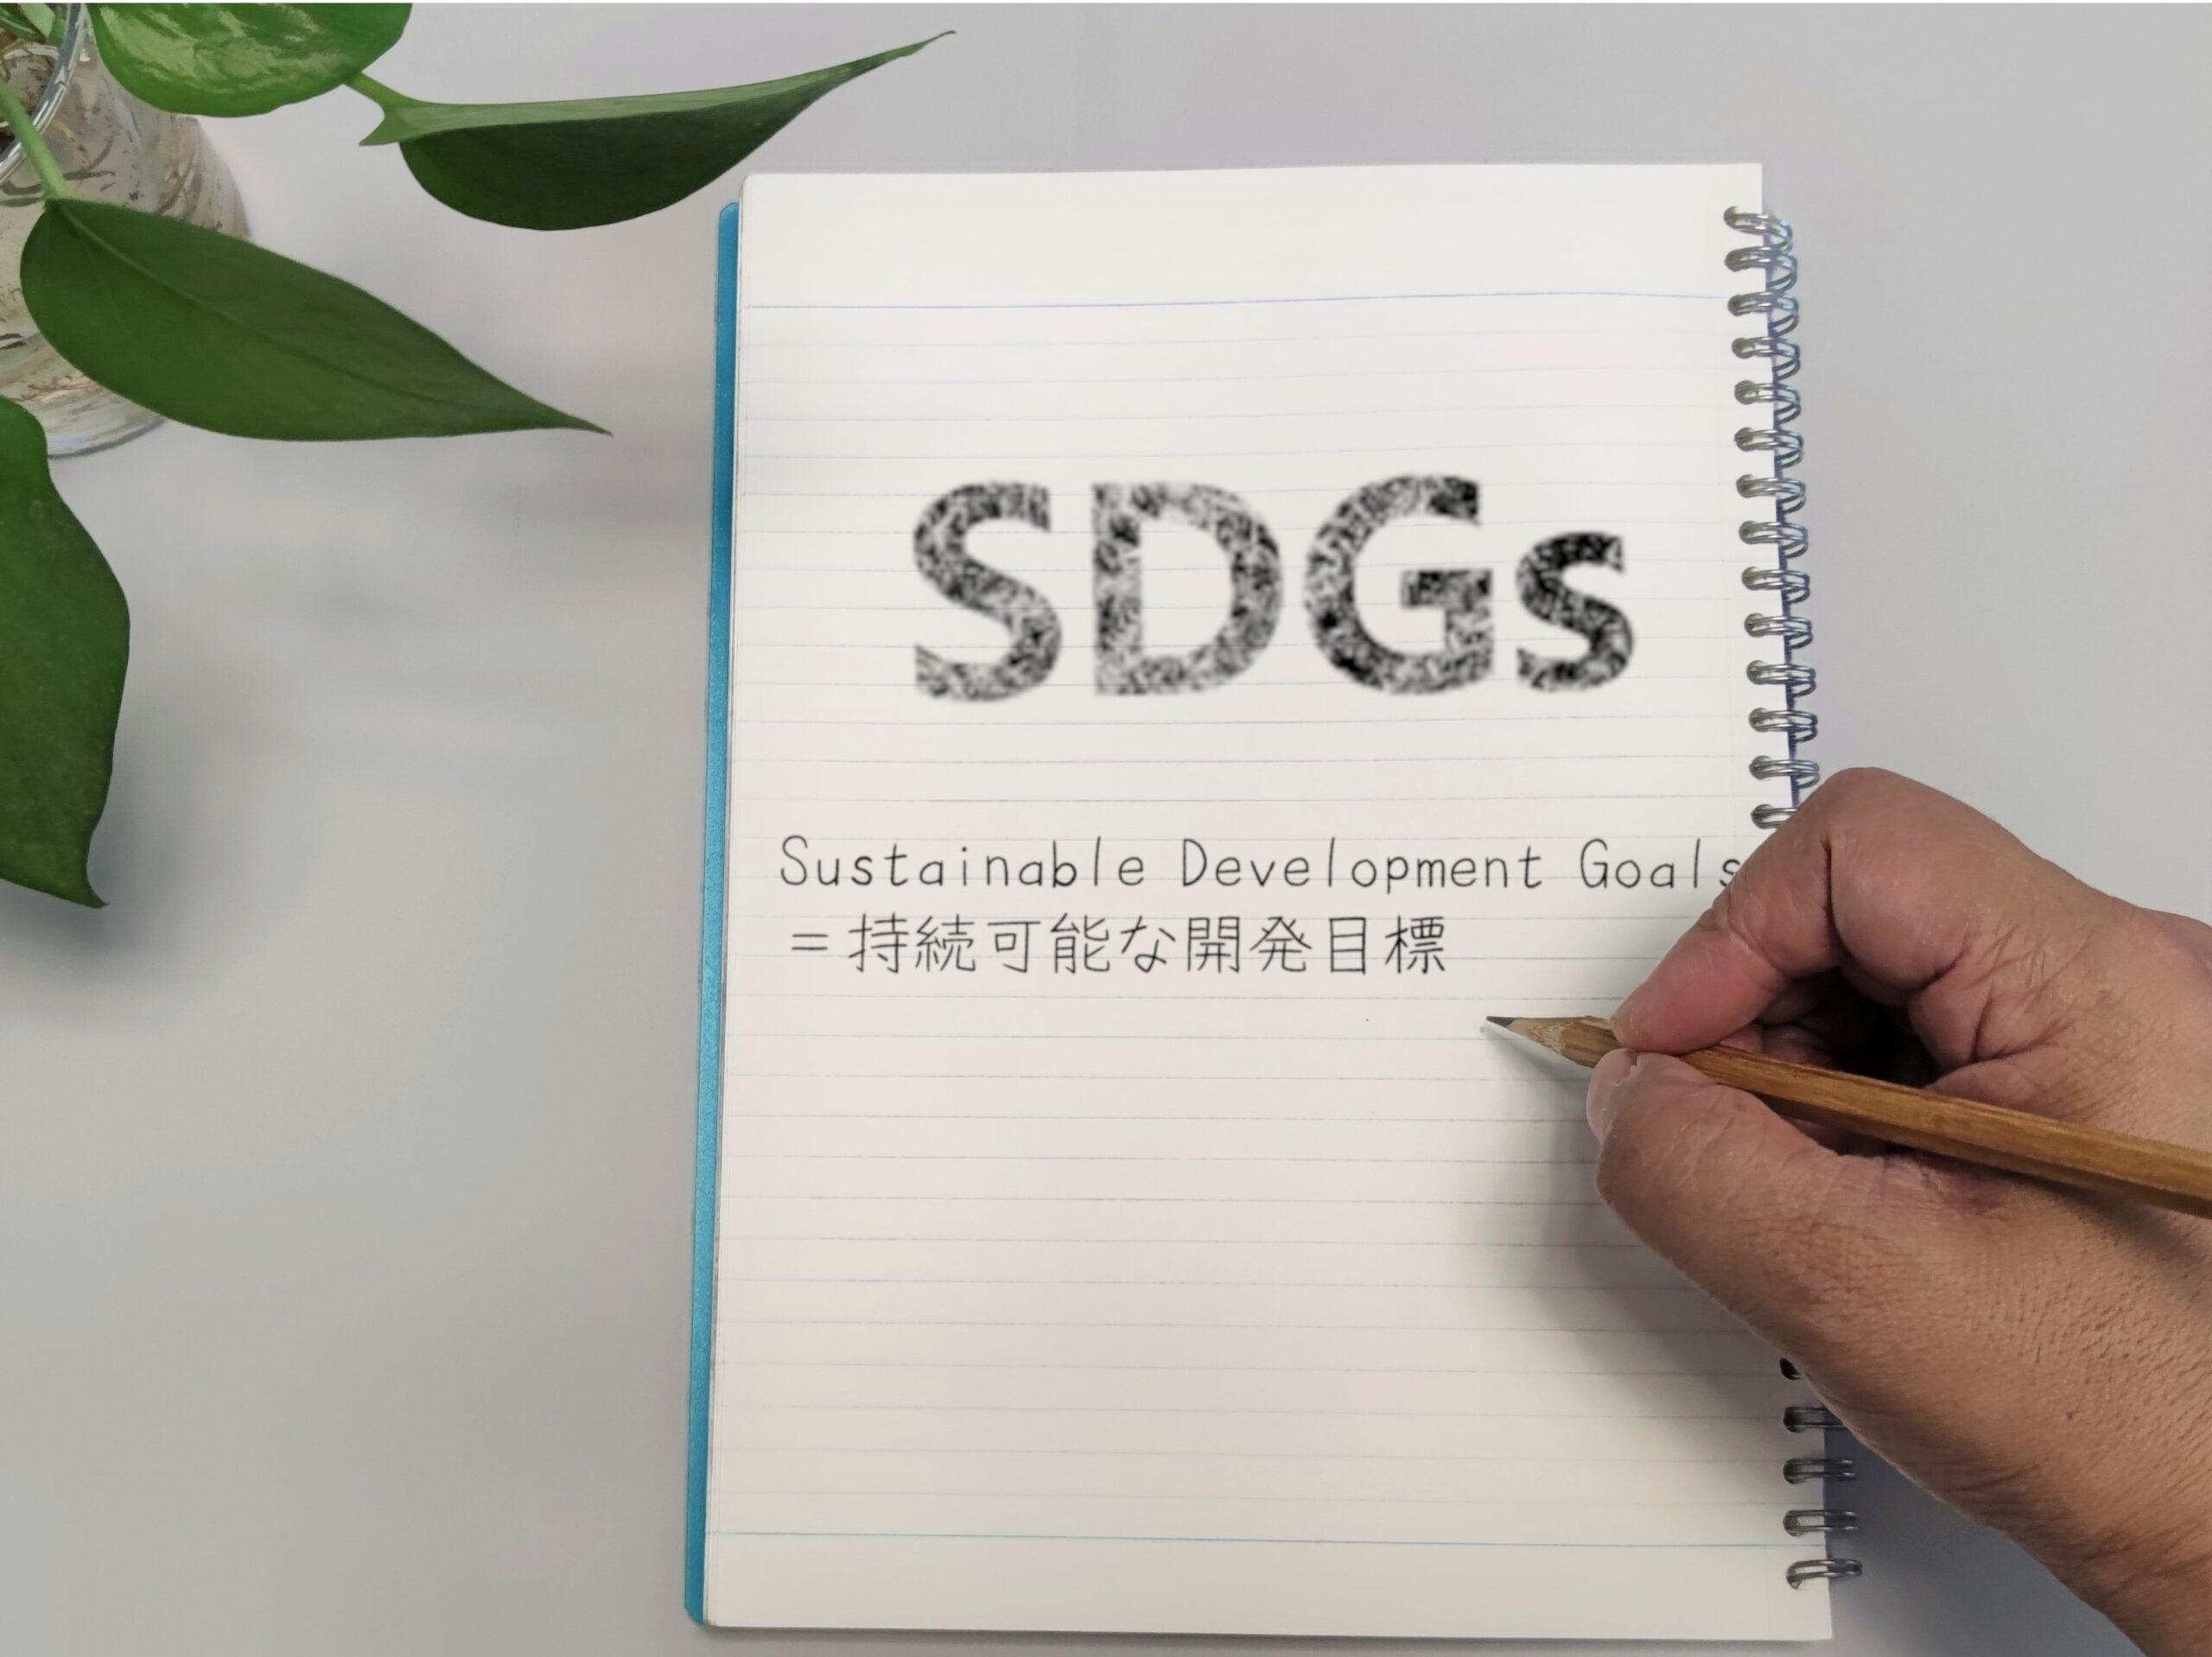 企業がSDGsに取り組むべき理由